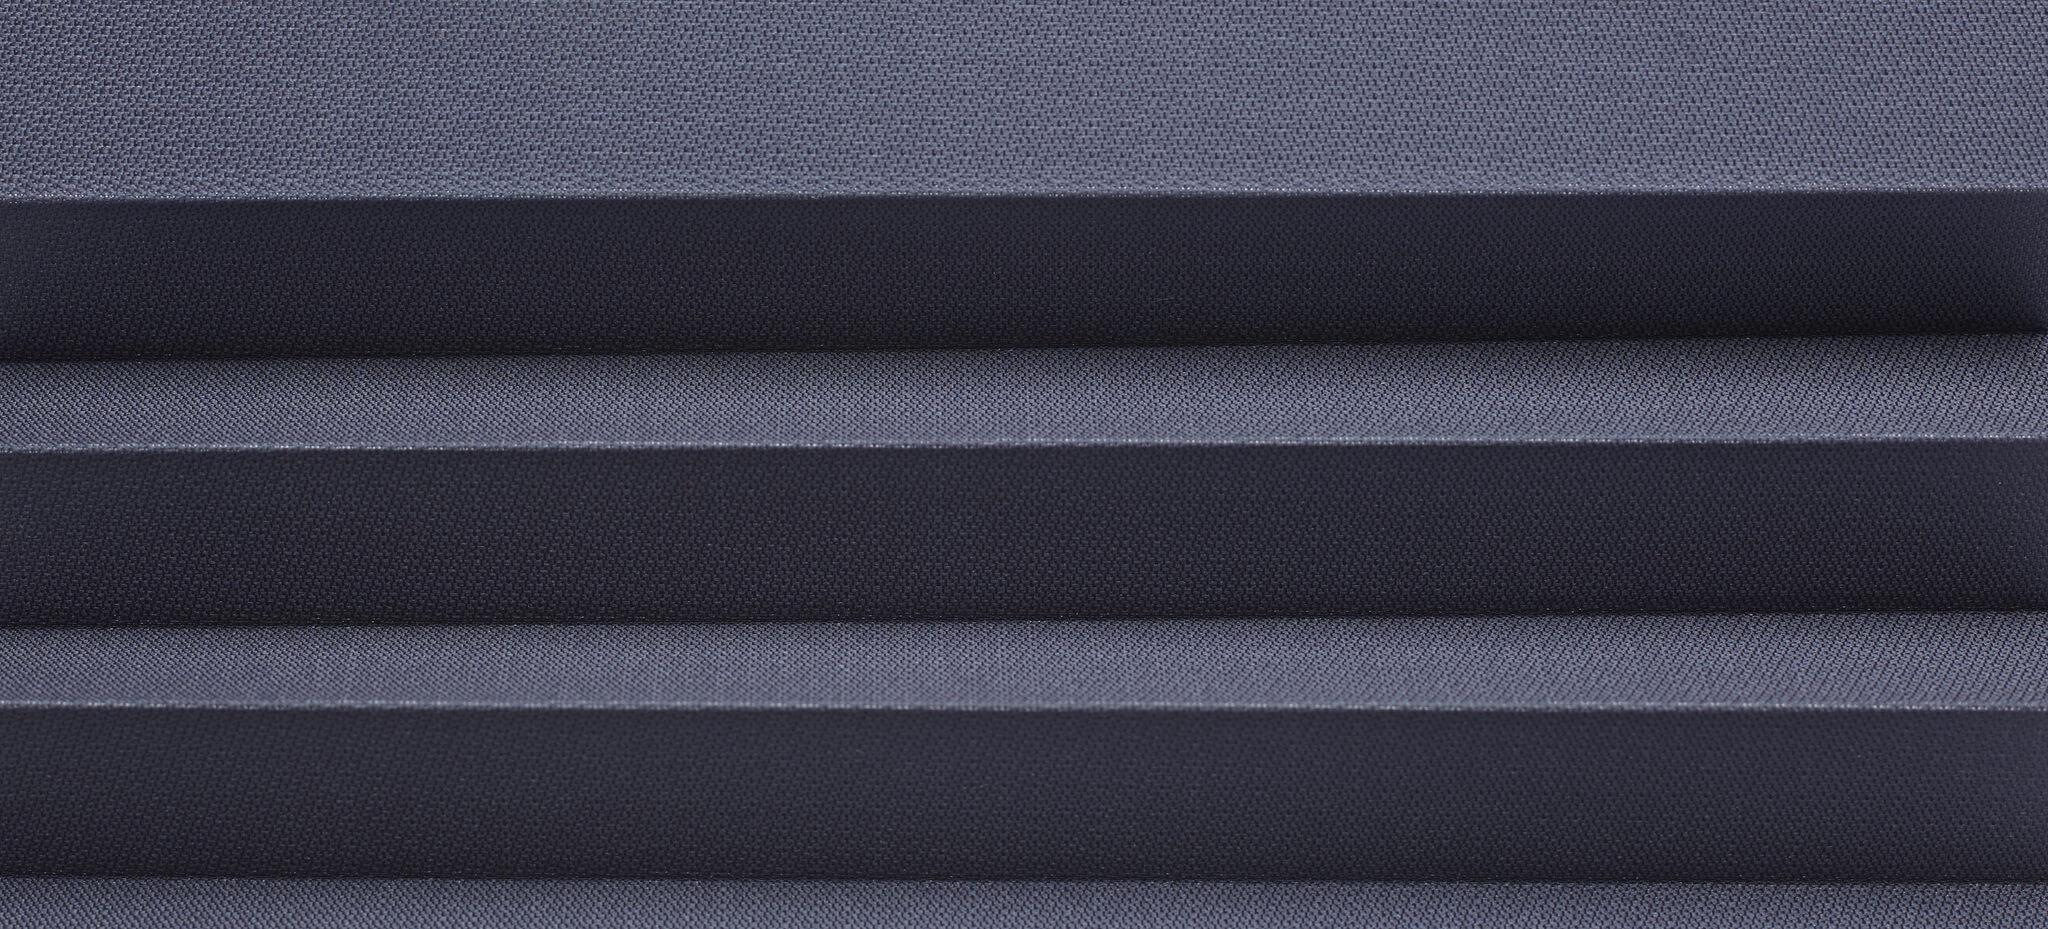 Plissé 'Verduisterend' 720190 – grijsblauw – vanaf €83,-